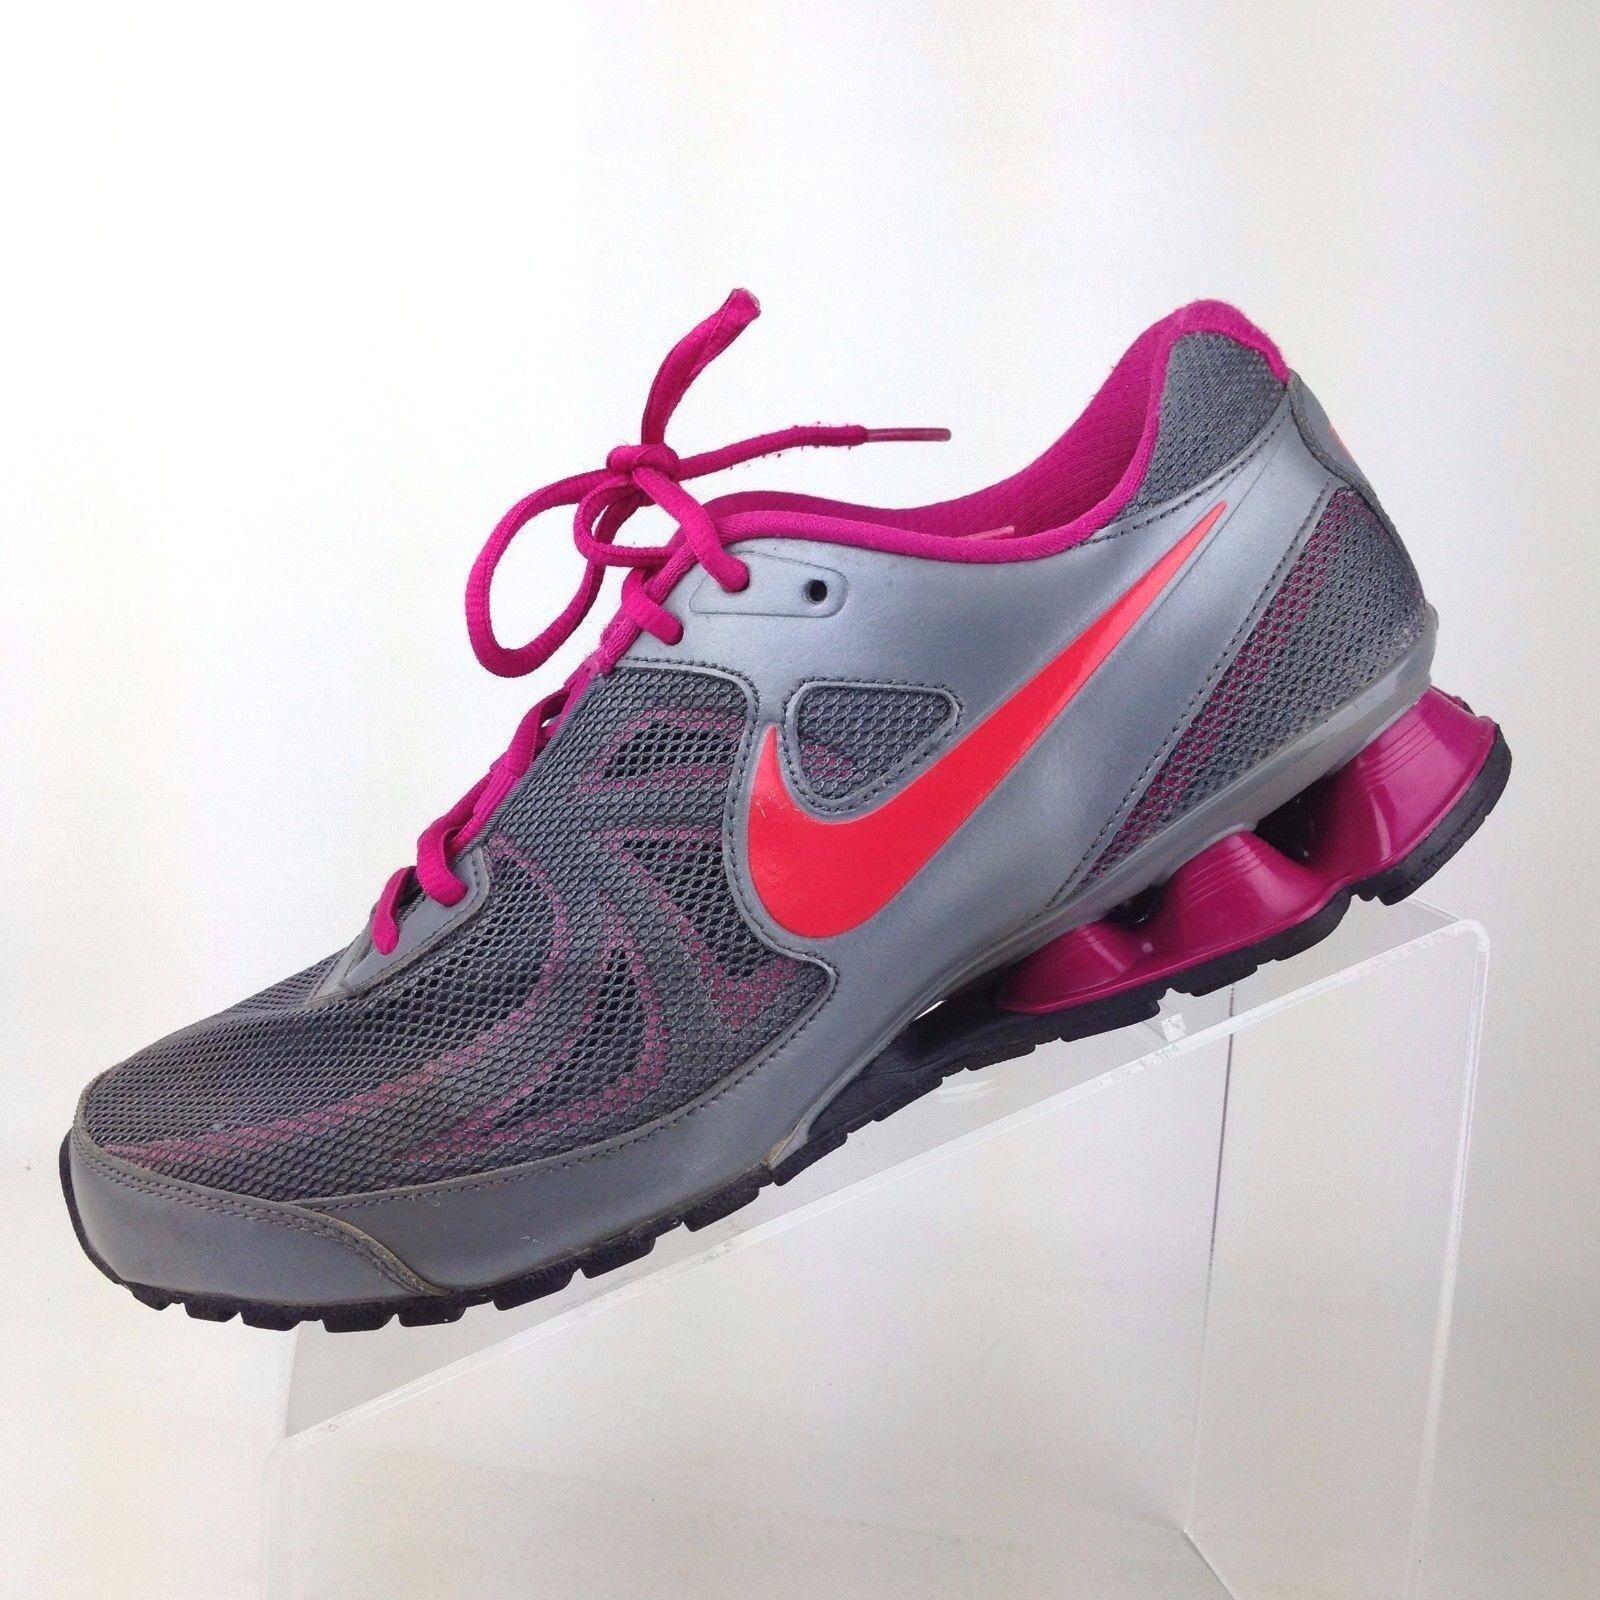 nike reax courir 7 Gris rose athletic baskets des de chaussures de des taille 10 femmes a4caa3